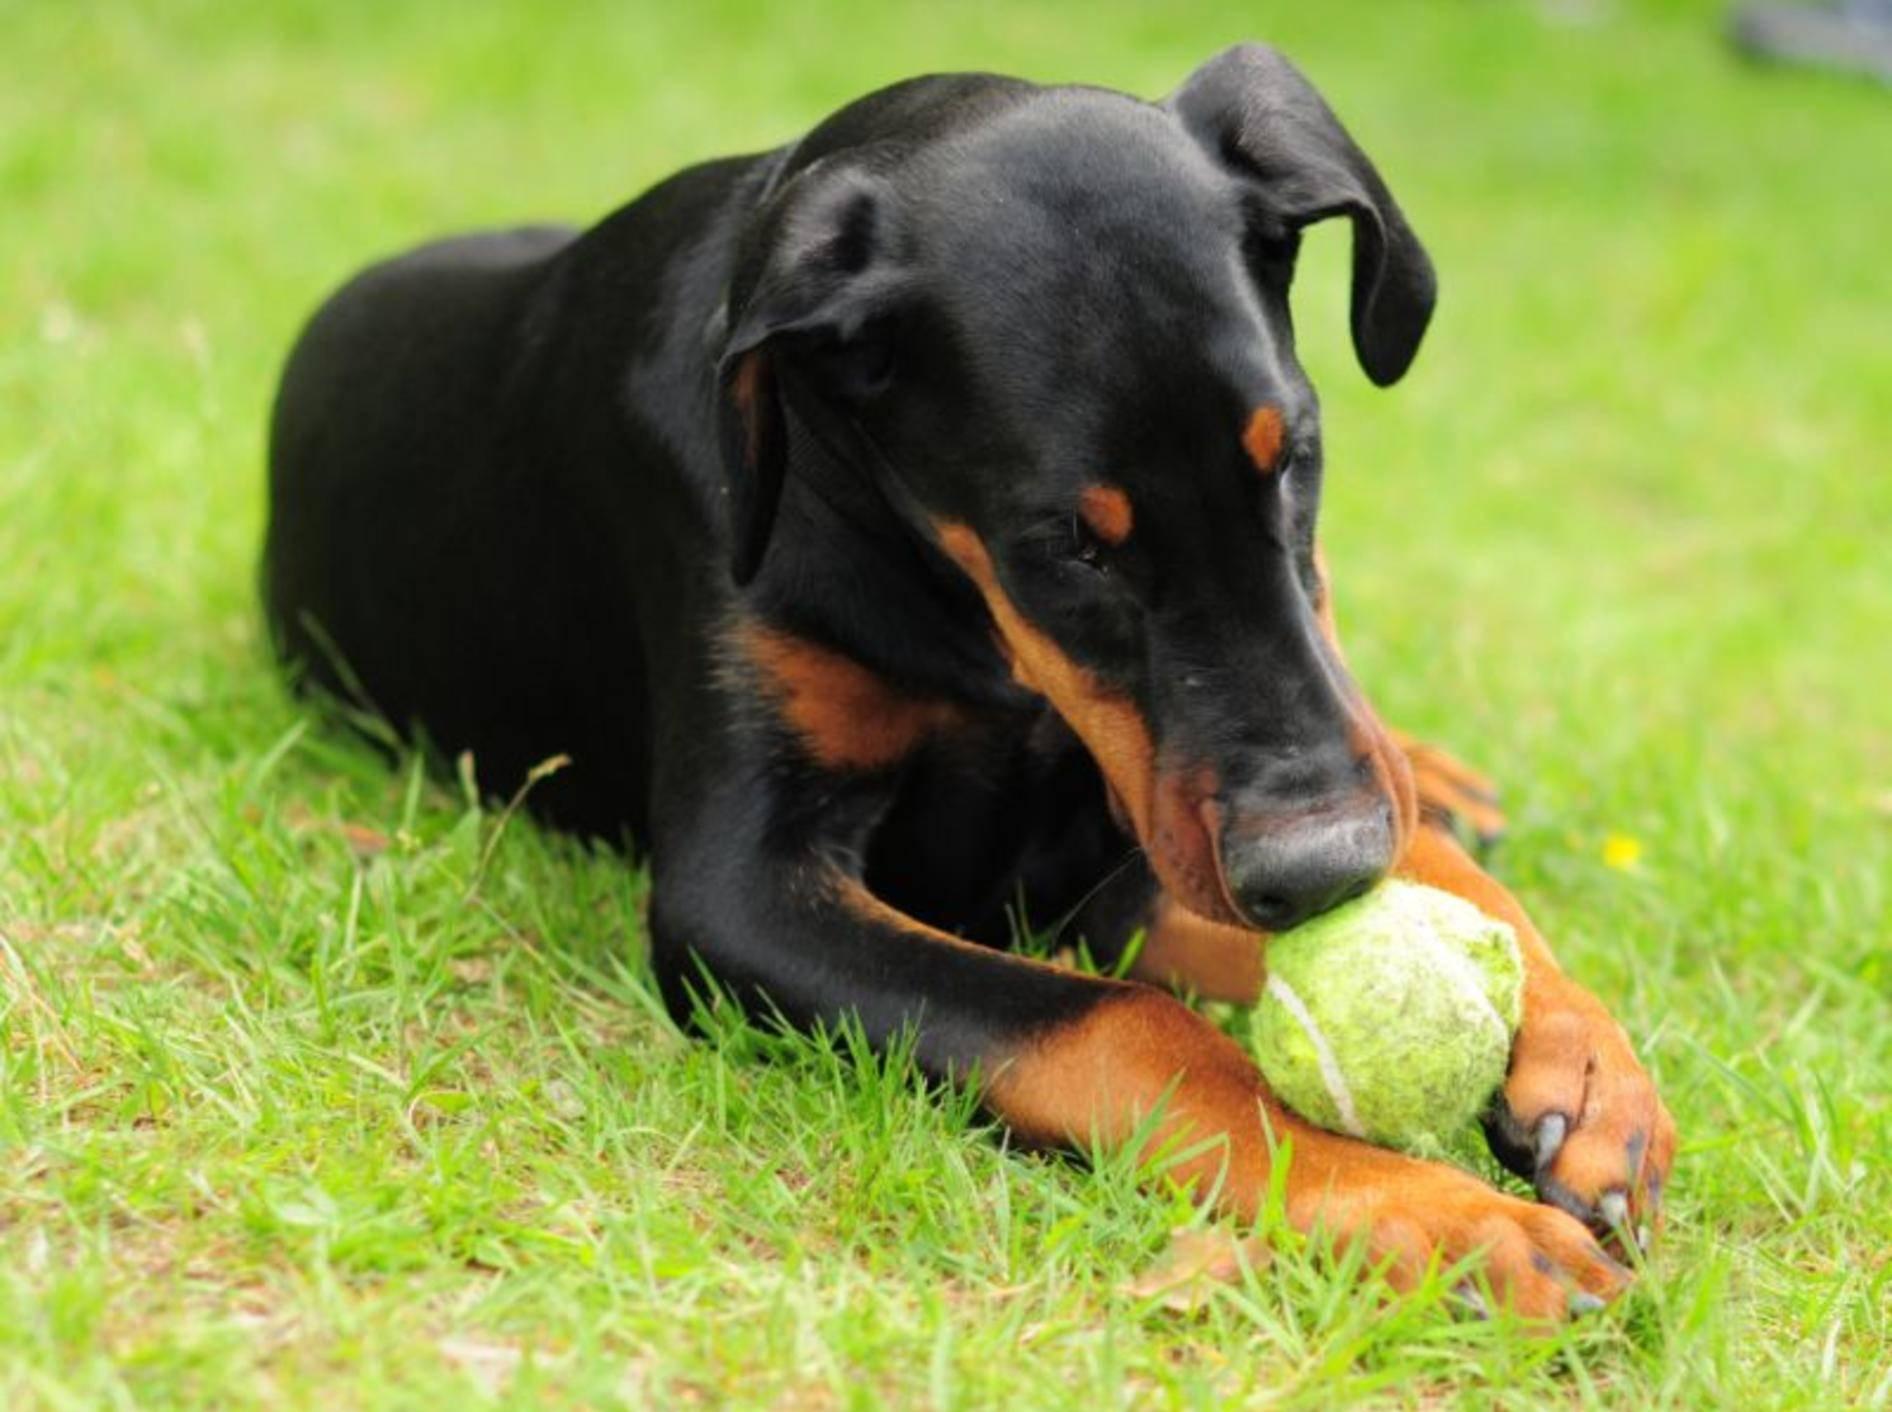 Ein gut erzogener Dobermann ist freundlich und verträglich – Bild: Shutterstock / morbi